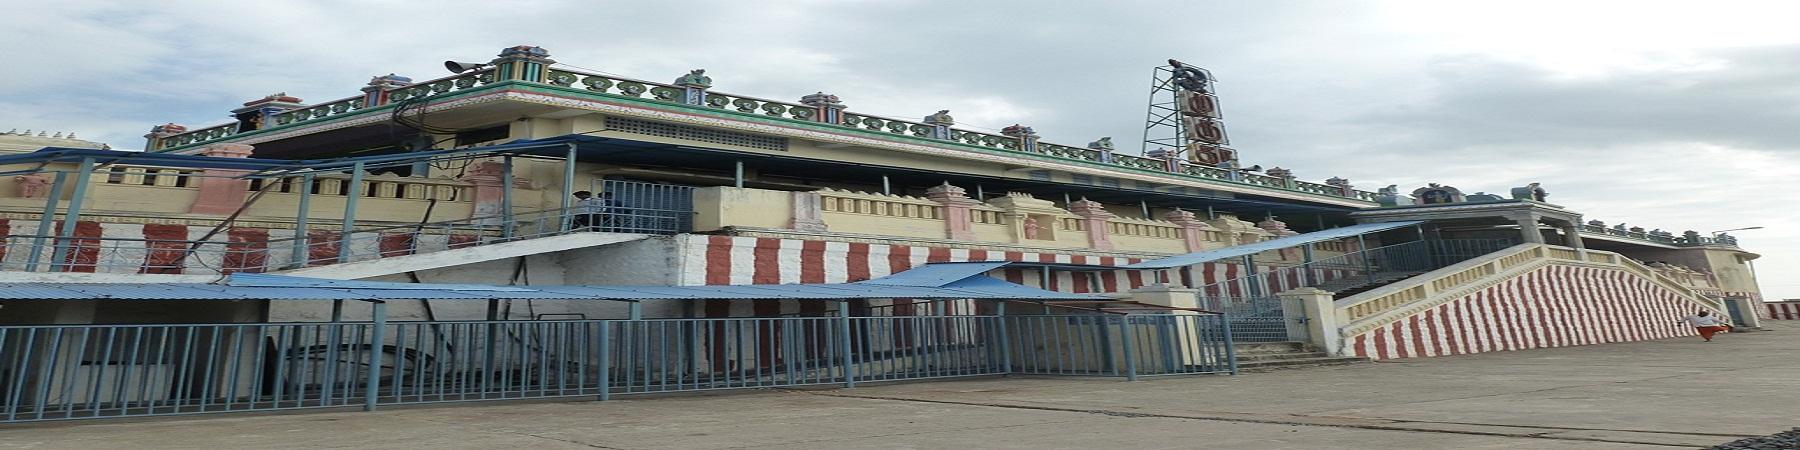 திருத்தணி கோவில்